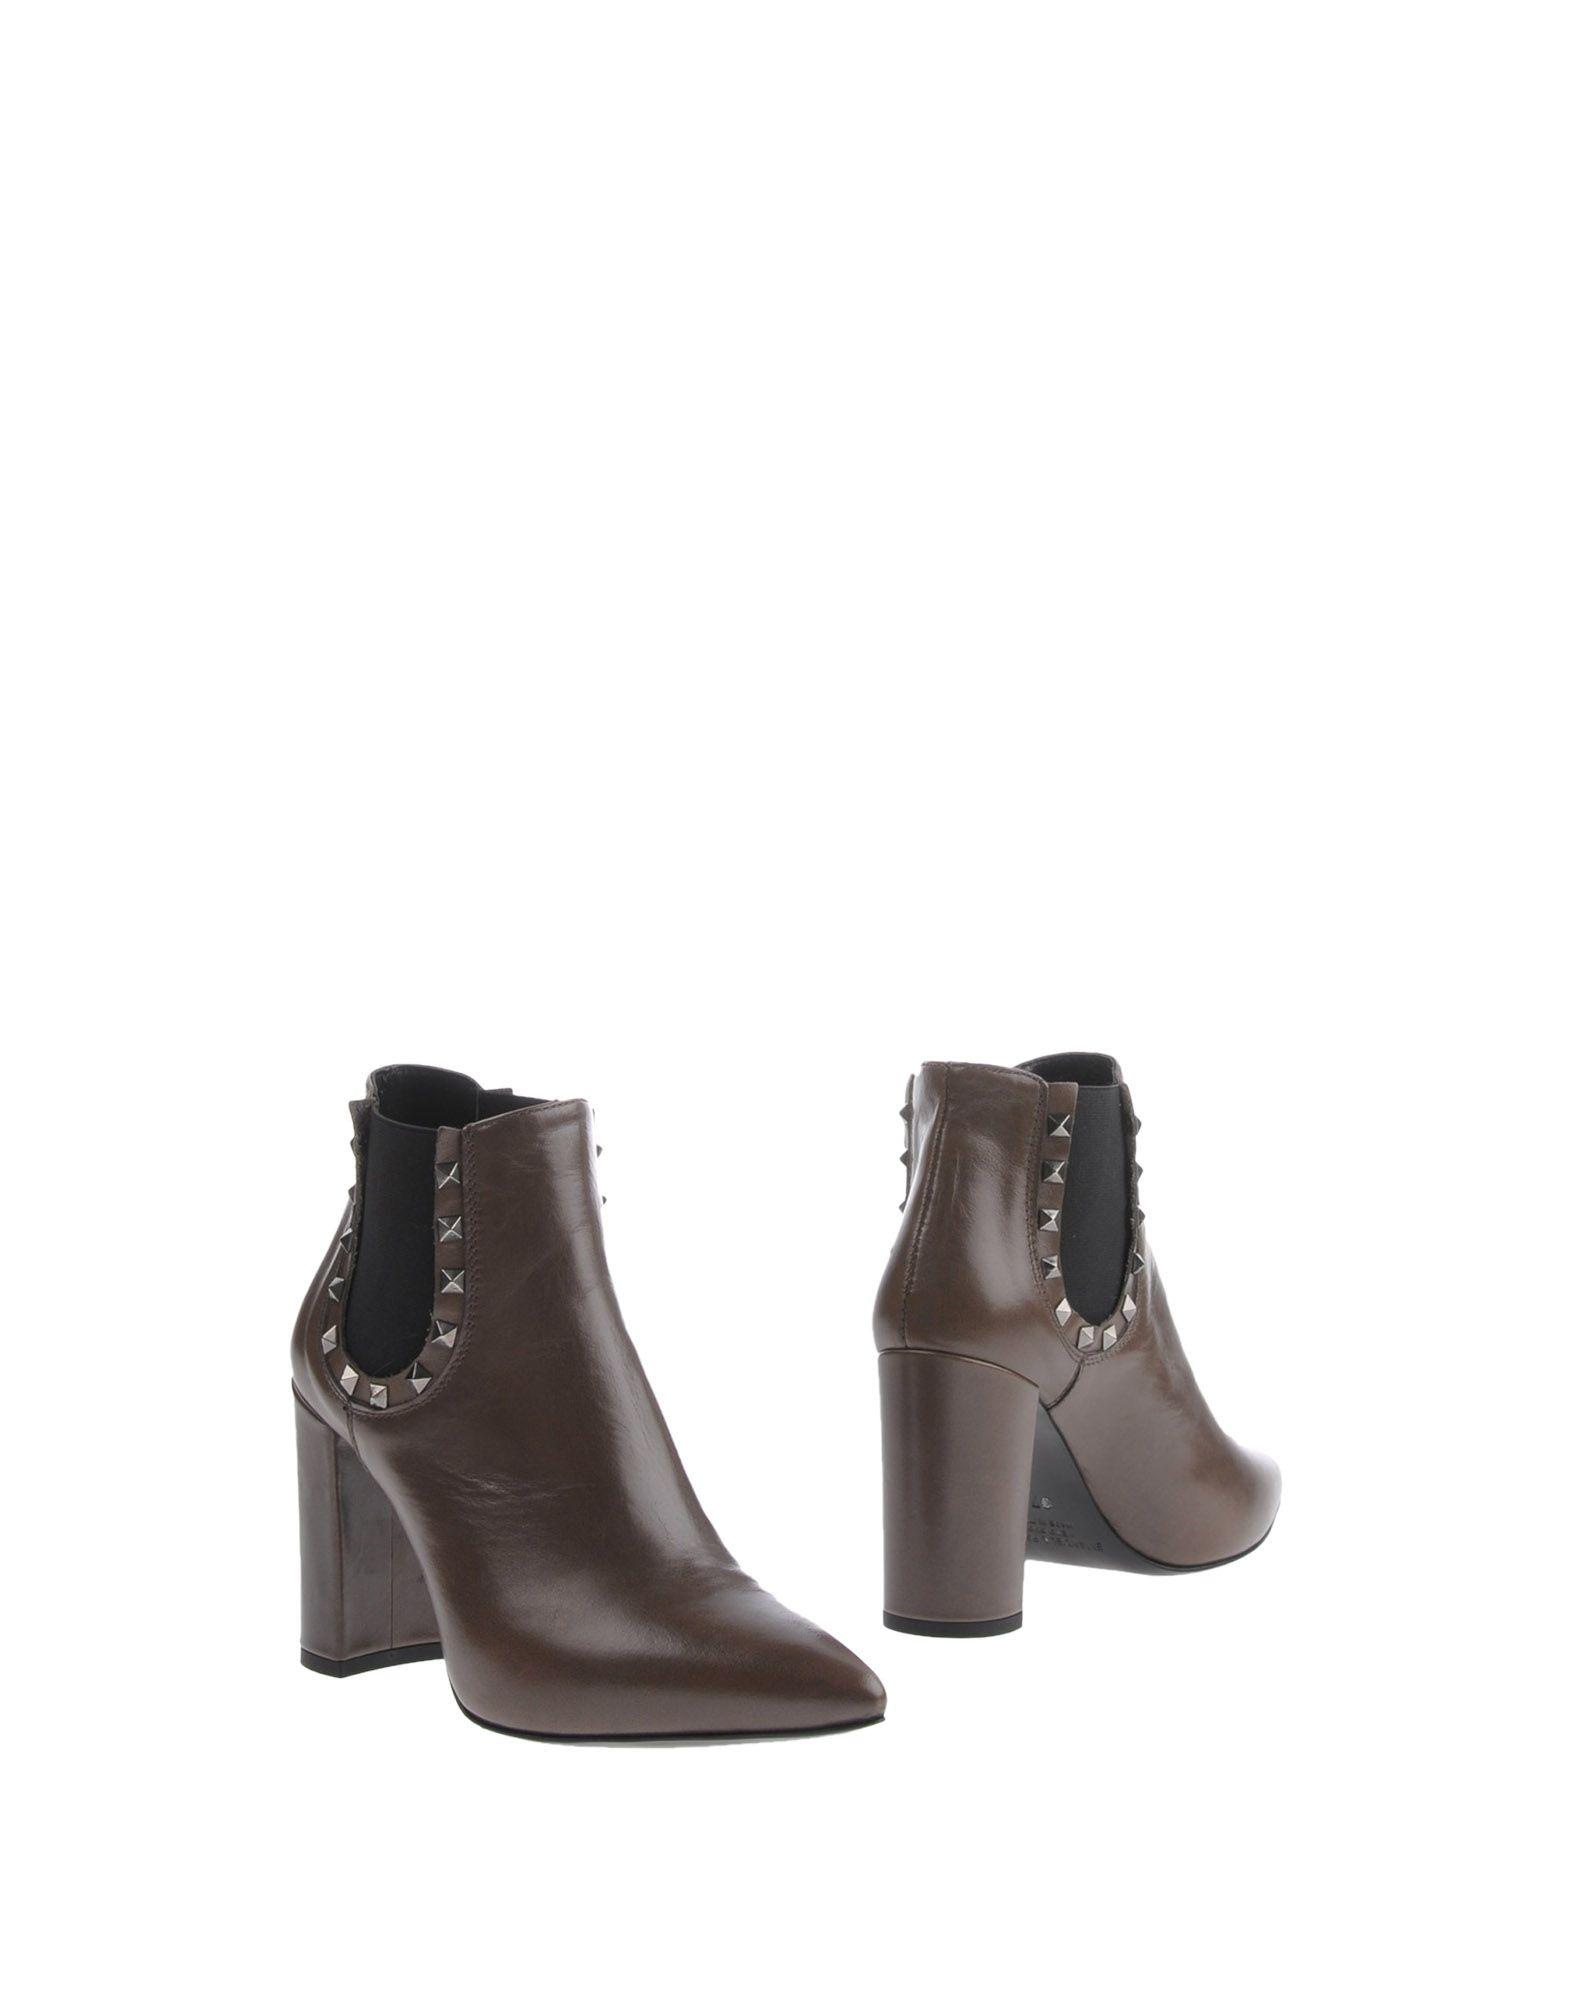 Emanuela Passeri Chelsea Boots Damen  11219550DT Gute Qualität beliebte Schuhe Schuhe beliebte e60207